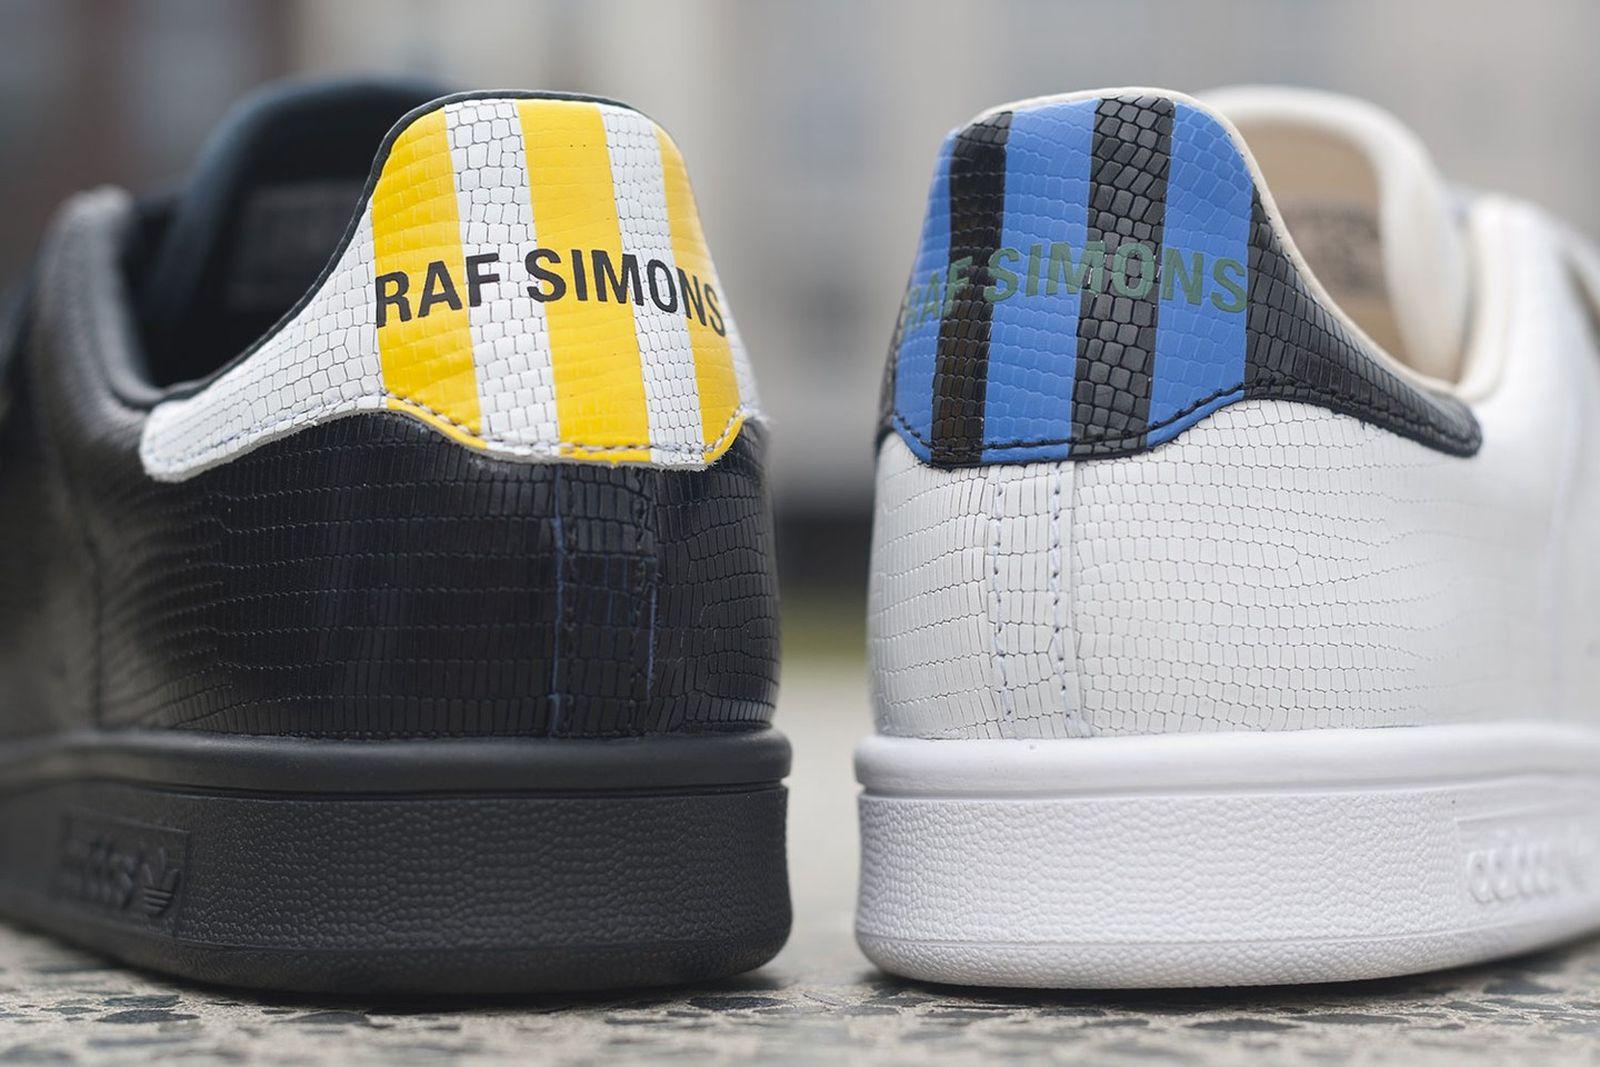 raf-simons-for-adidas-stan-smith-stripes-straps-4